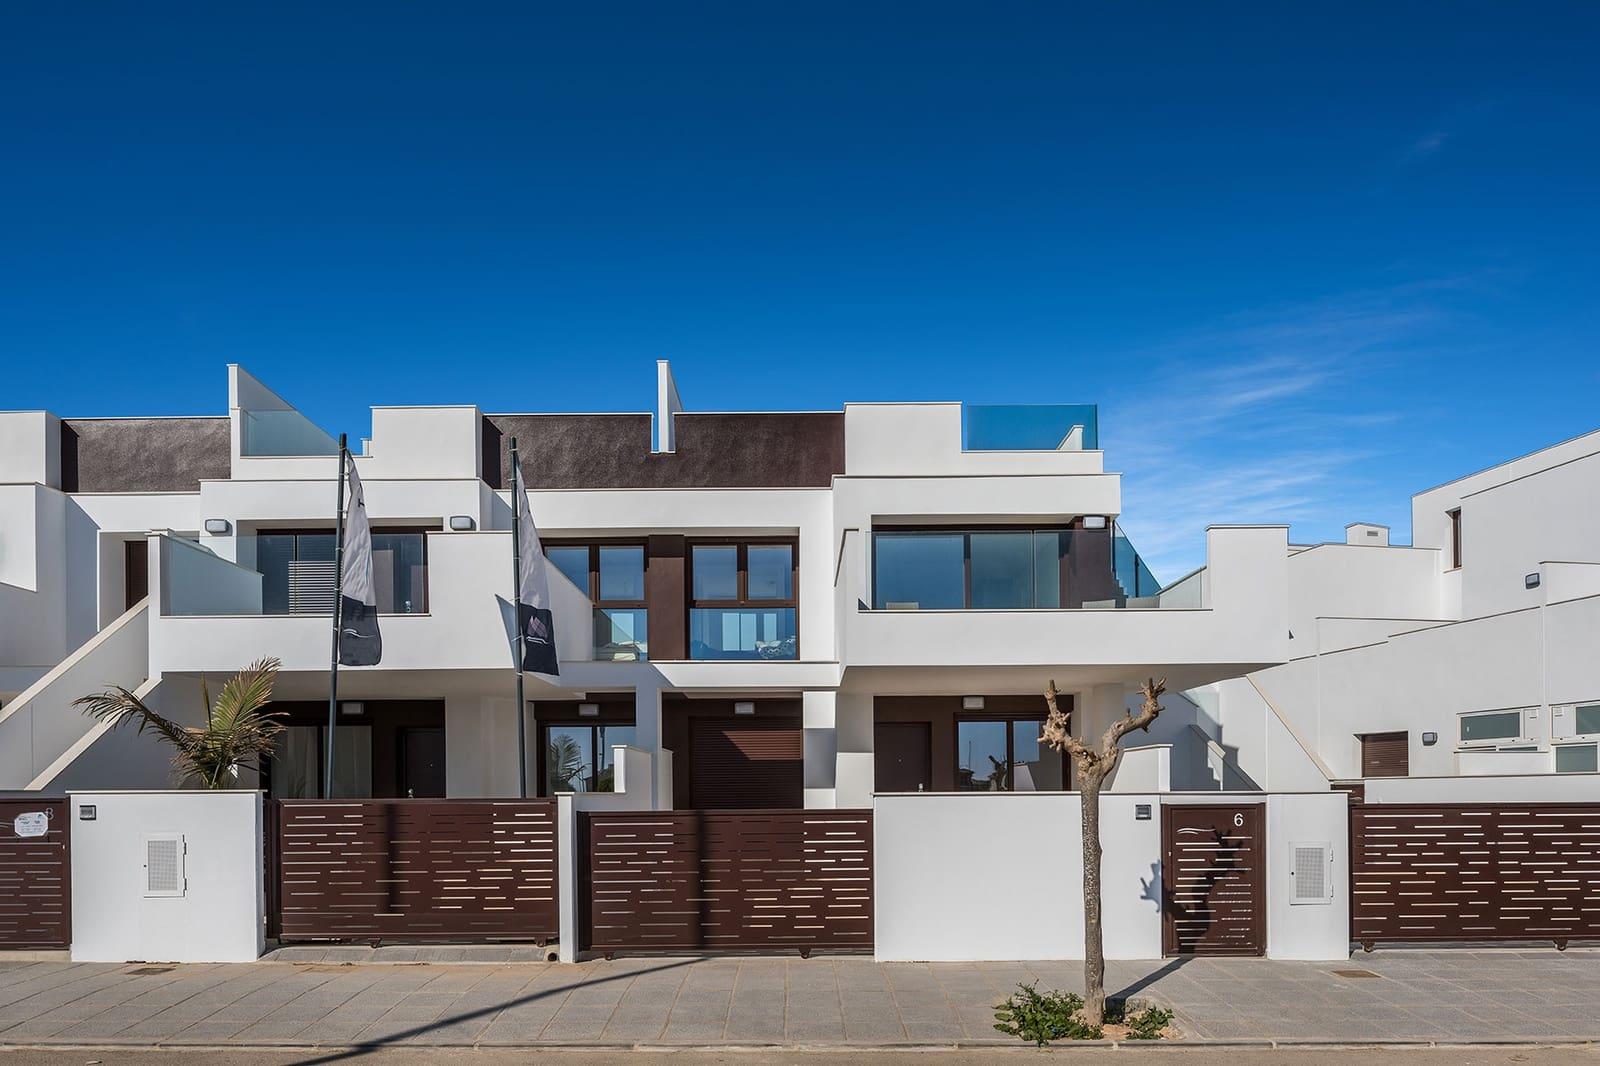 Casa de 3 habitaciones en Pilar de la Horadada en venta con piscina - 329.900 € (Ref: 4824408)